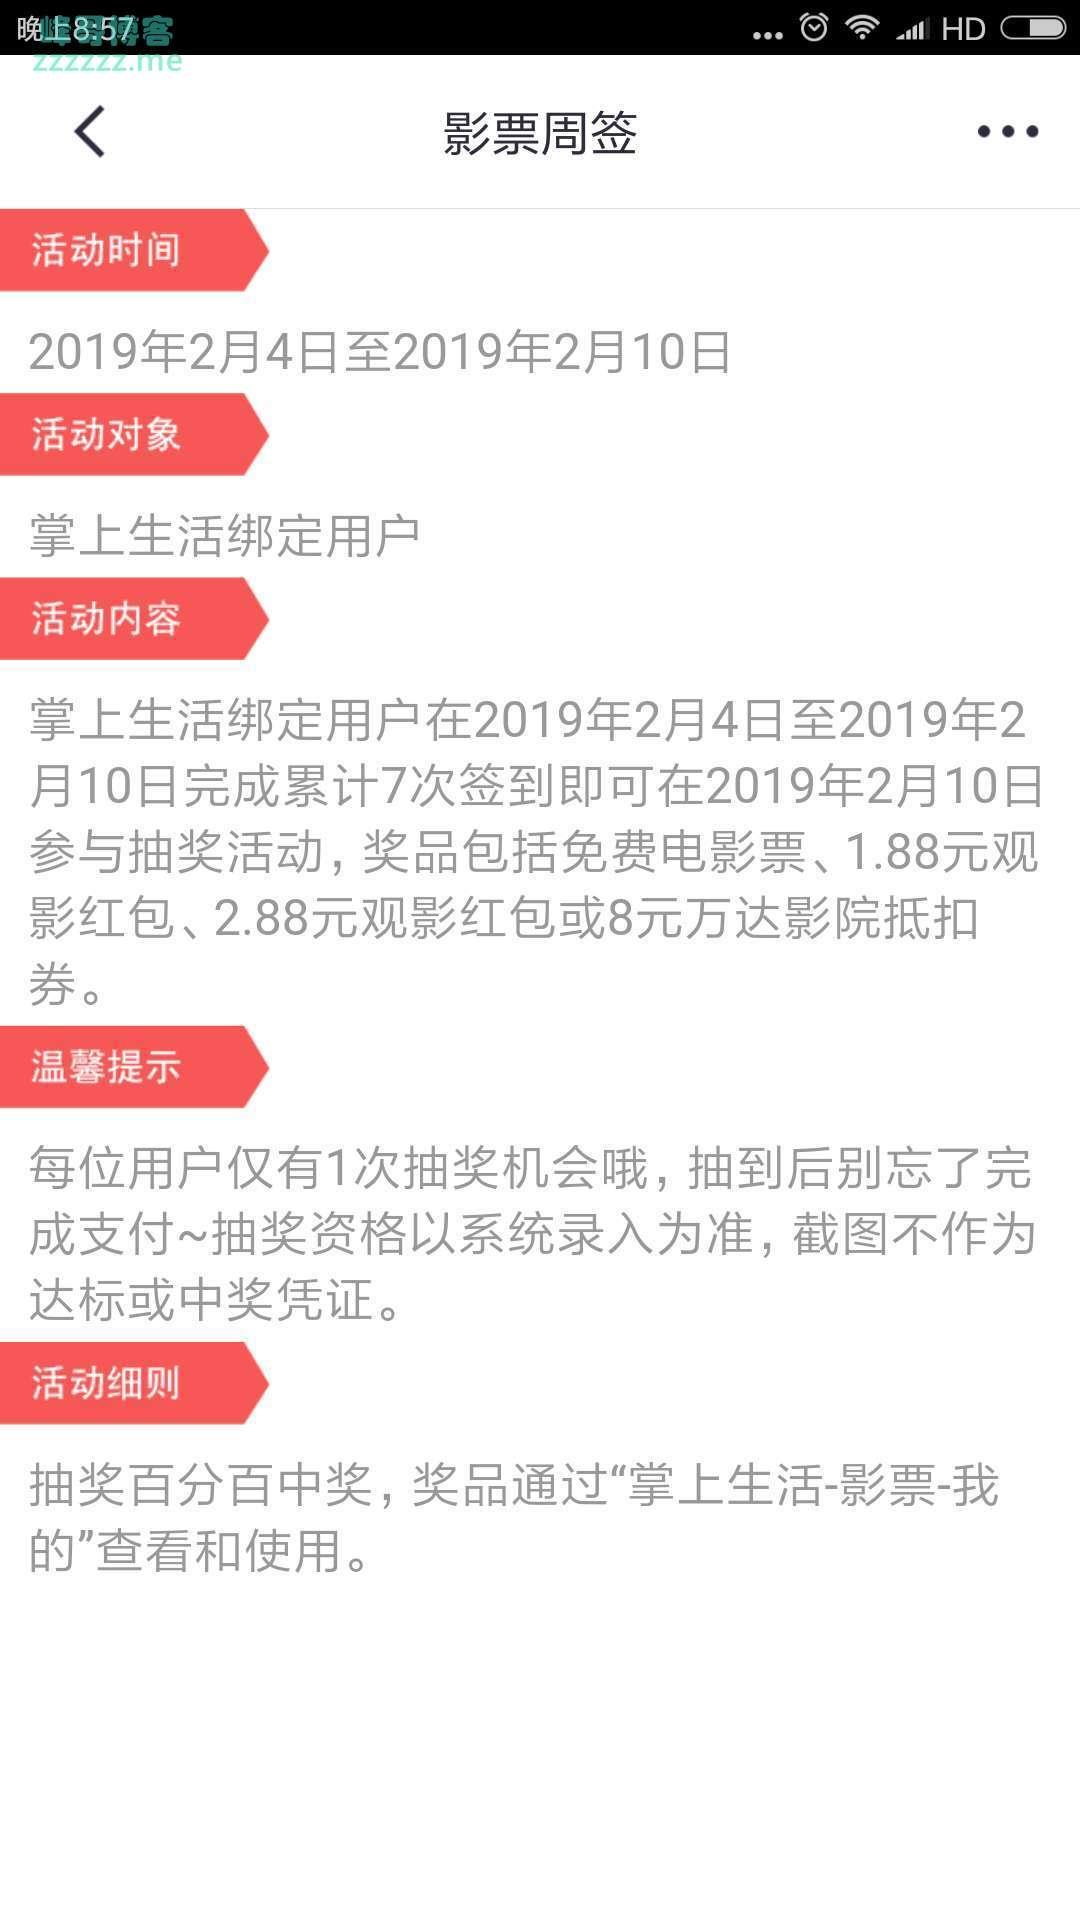 <掌上生活>影票周签(截至2月10日)